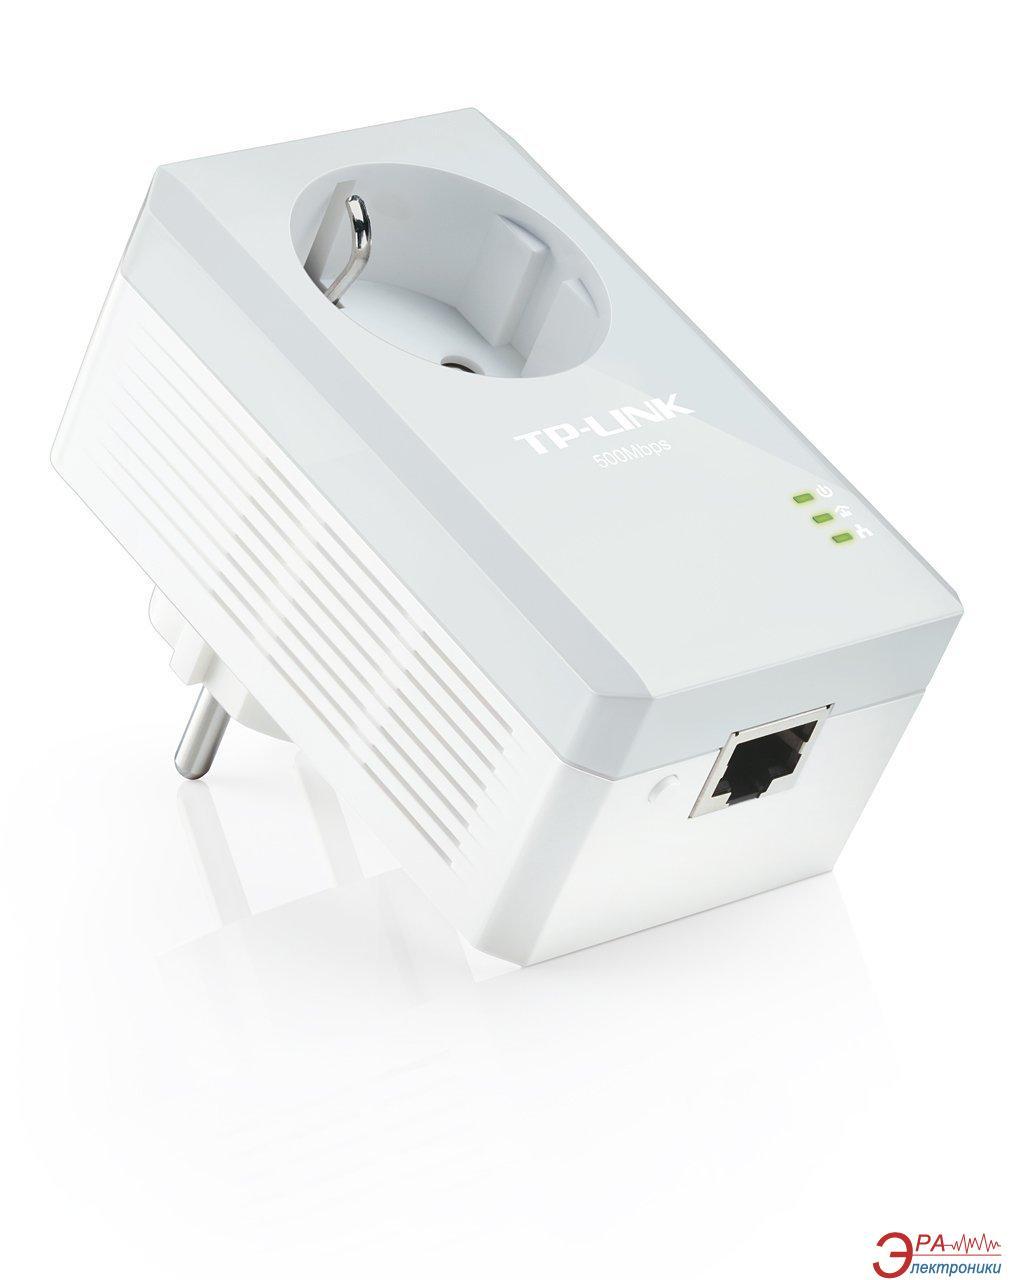 Адаптер TP-Link TL-PA4010P